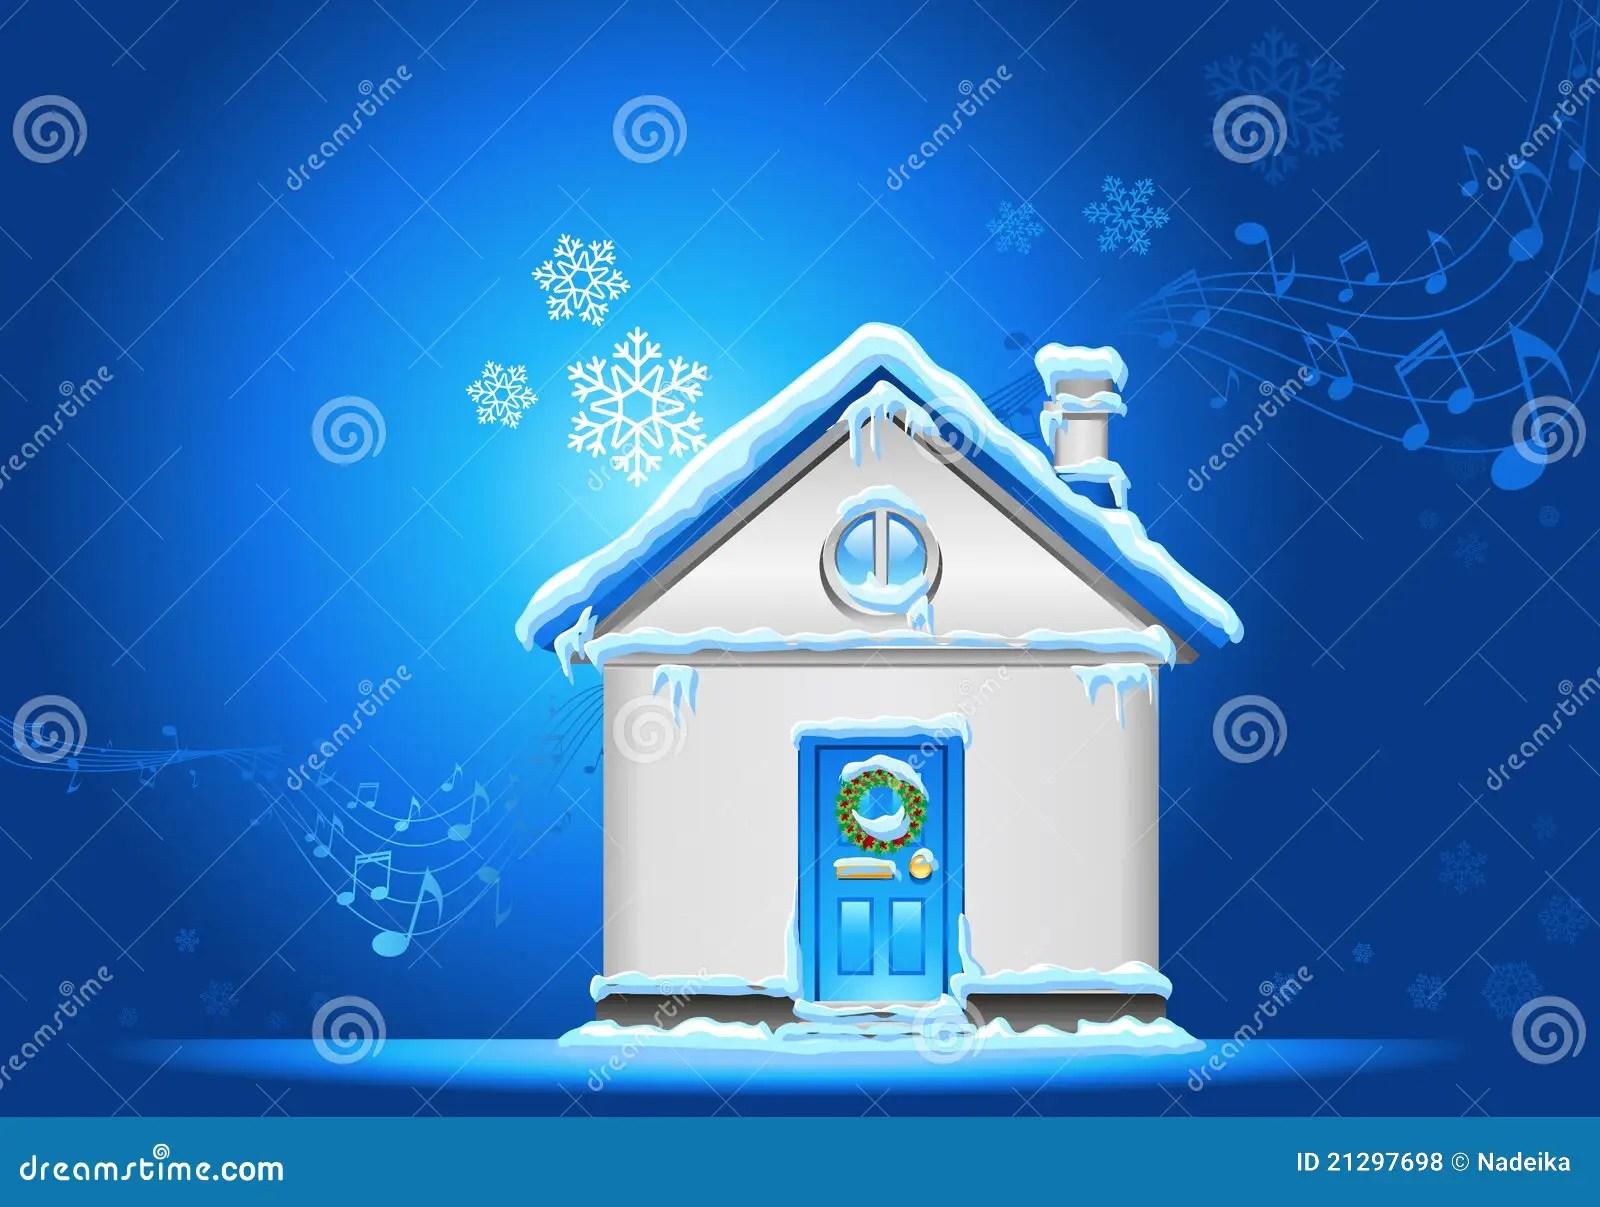 Christmashousebackground Royalty Free Stock Photos  Image 21297698